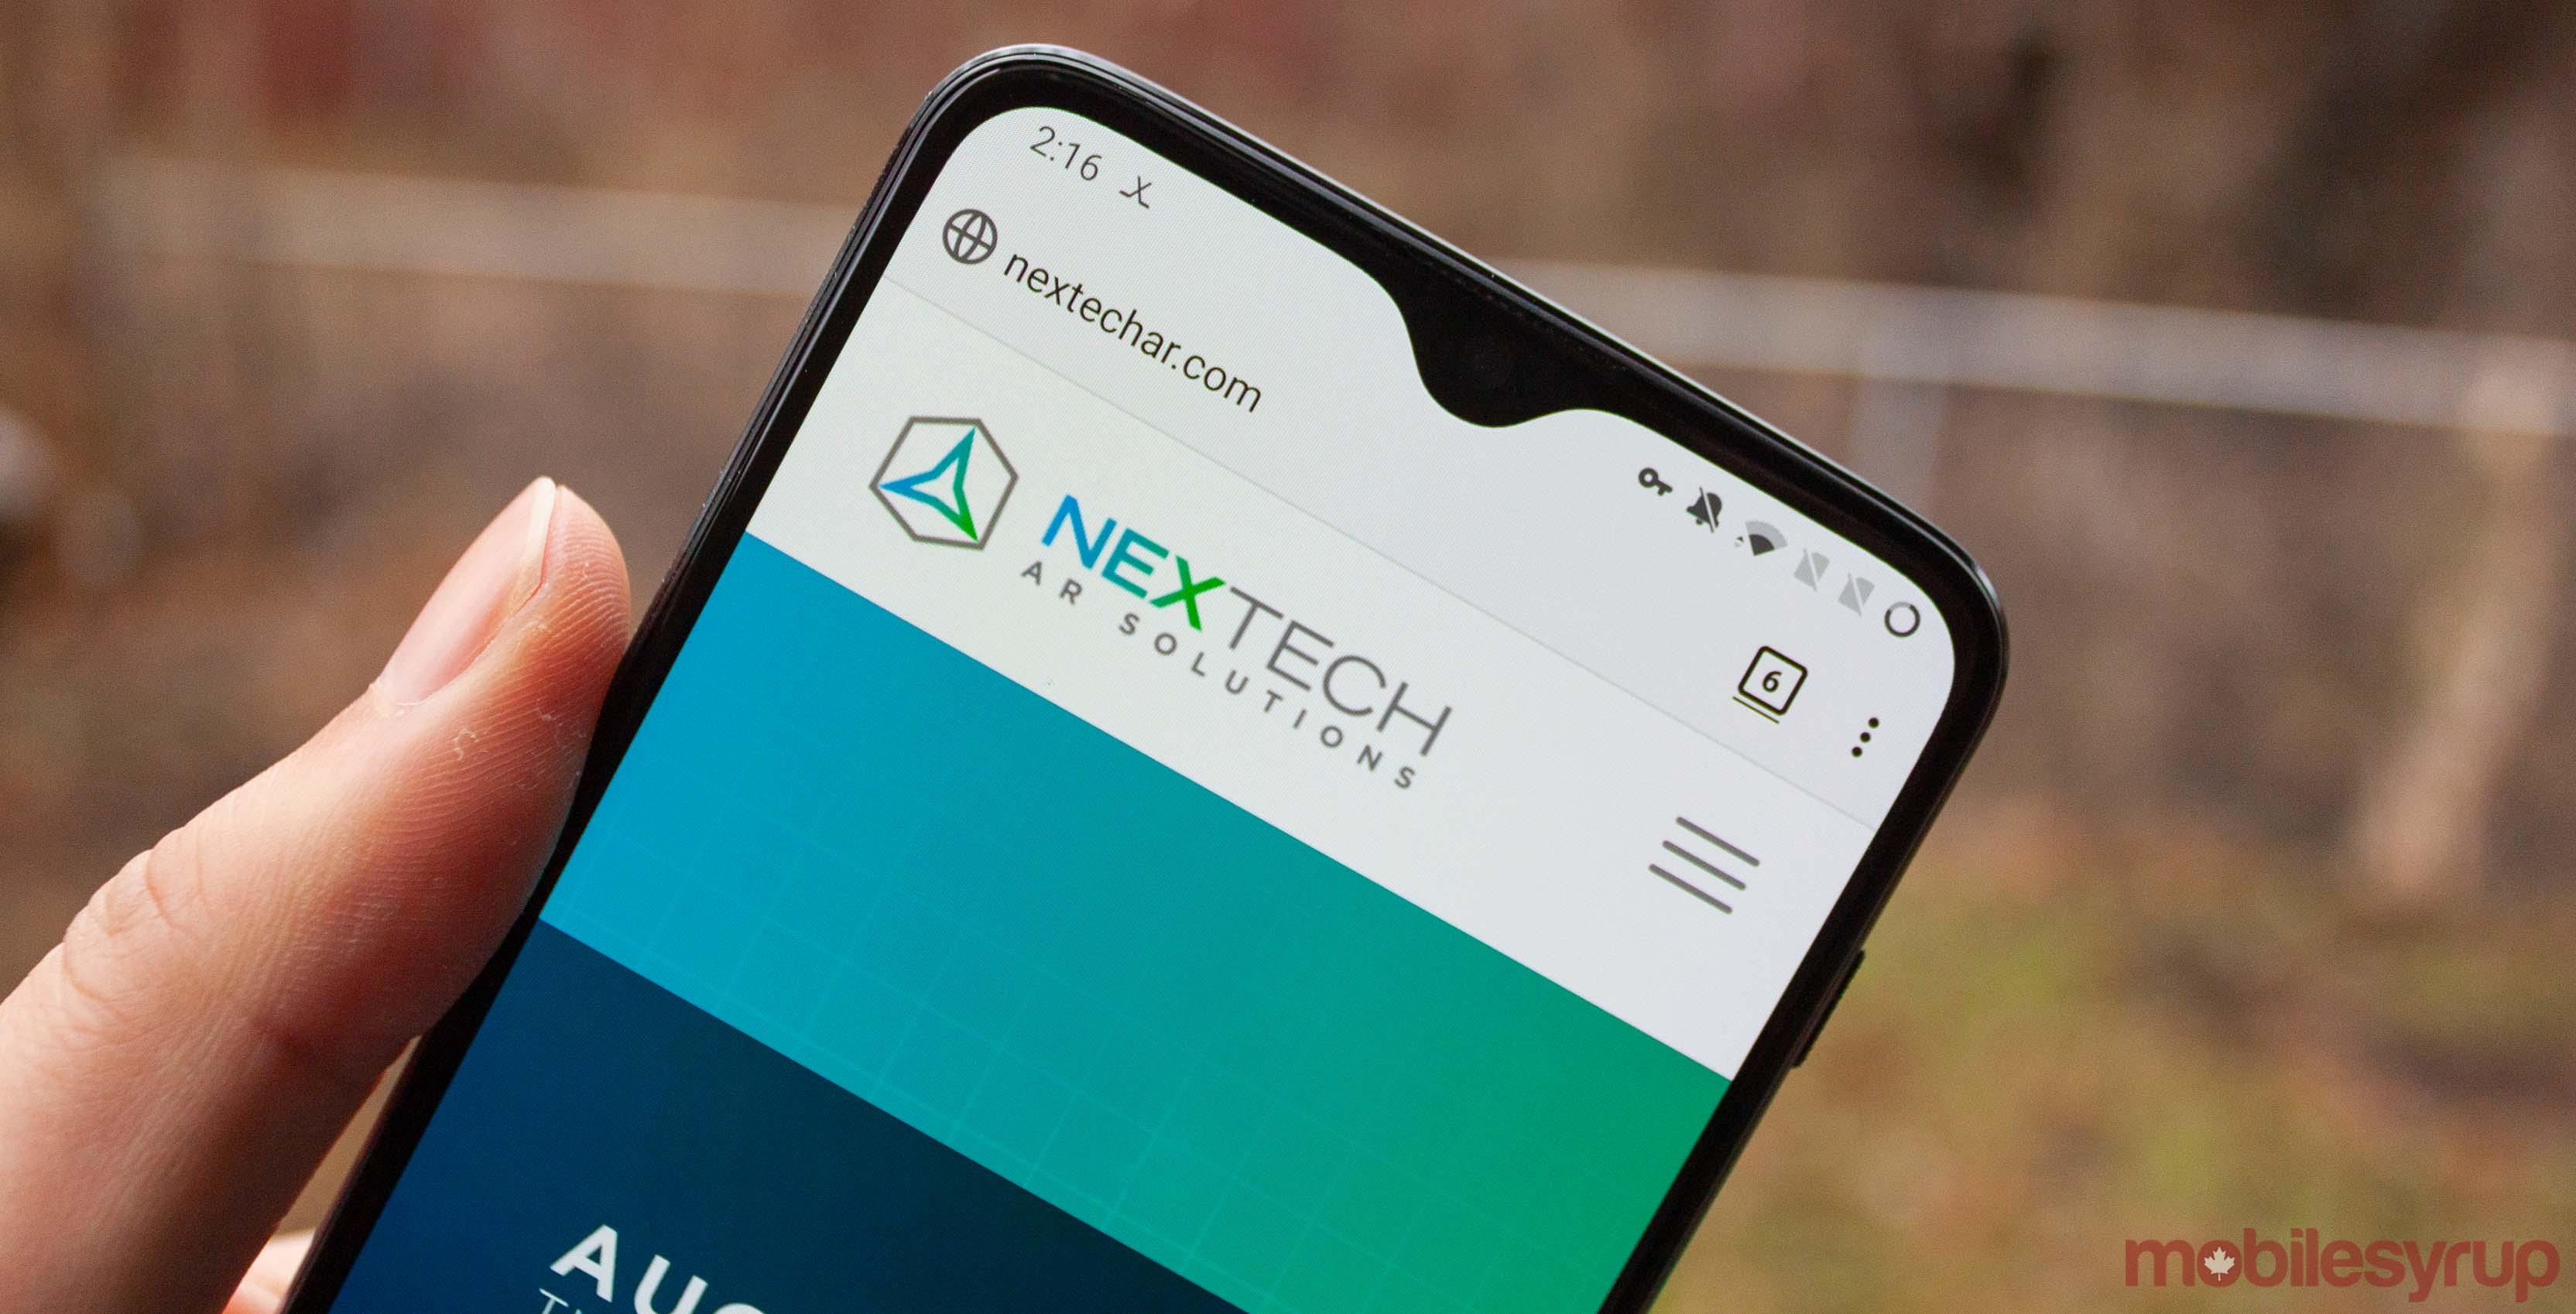 NexTech website